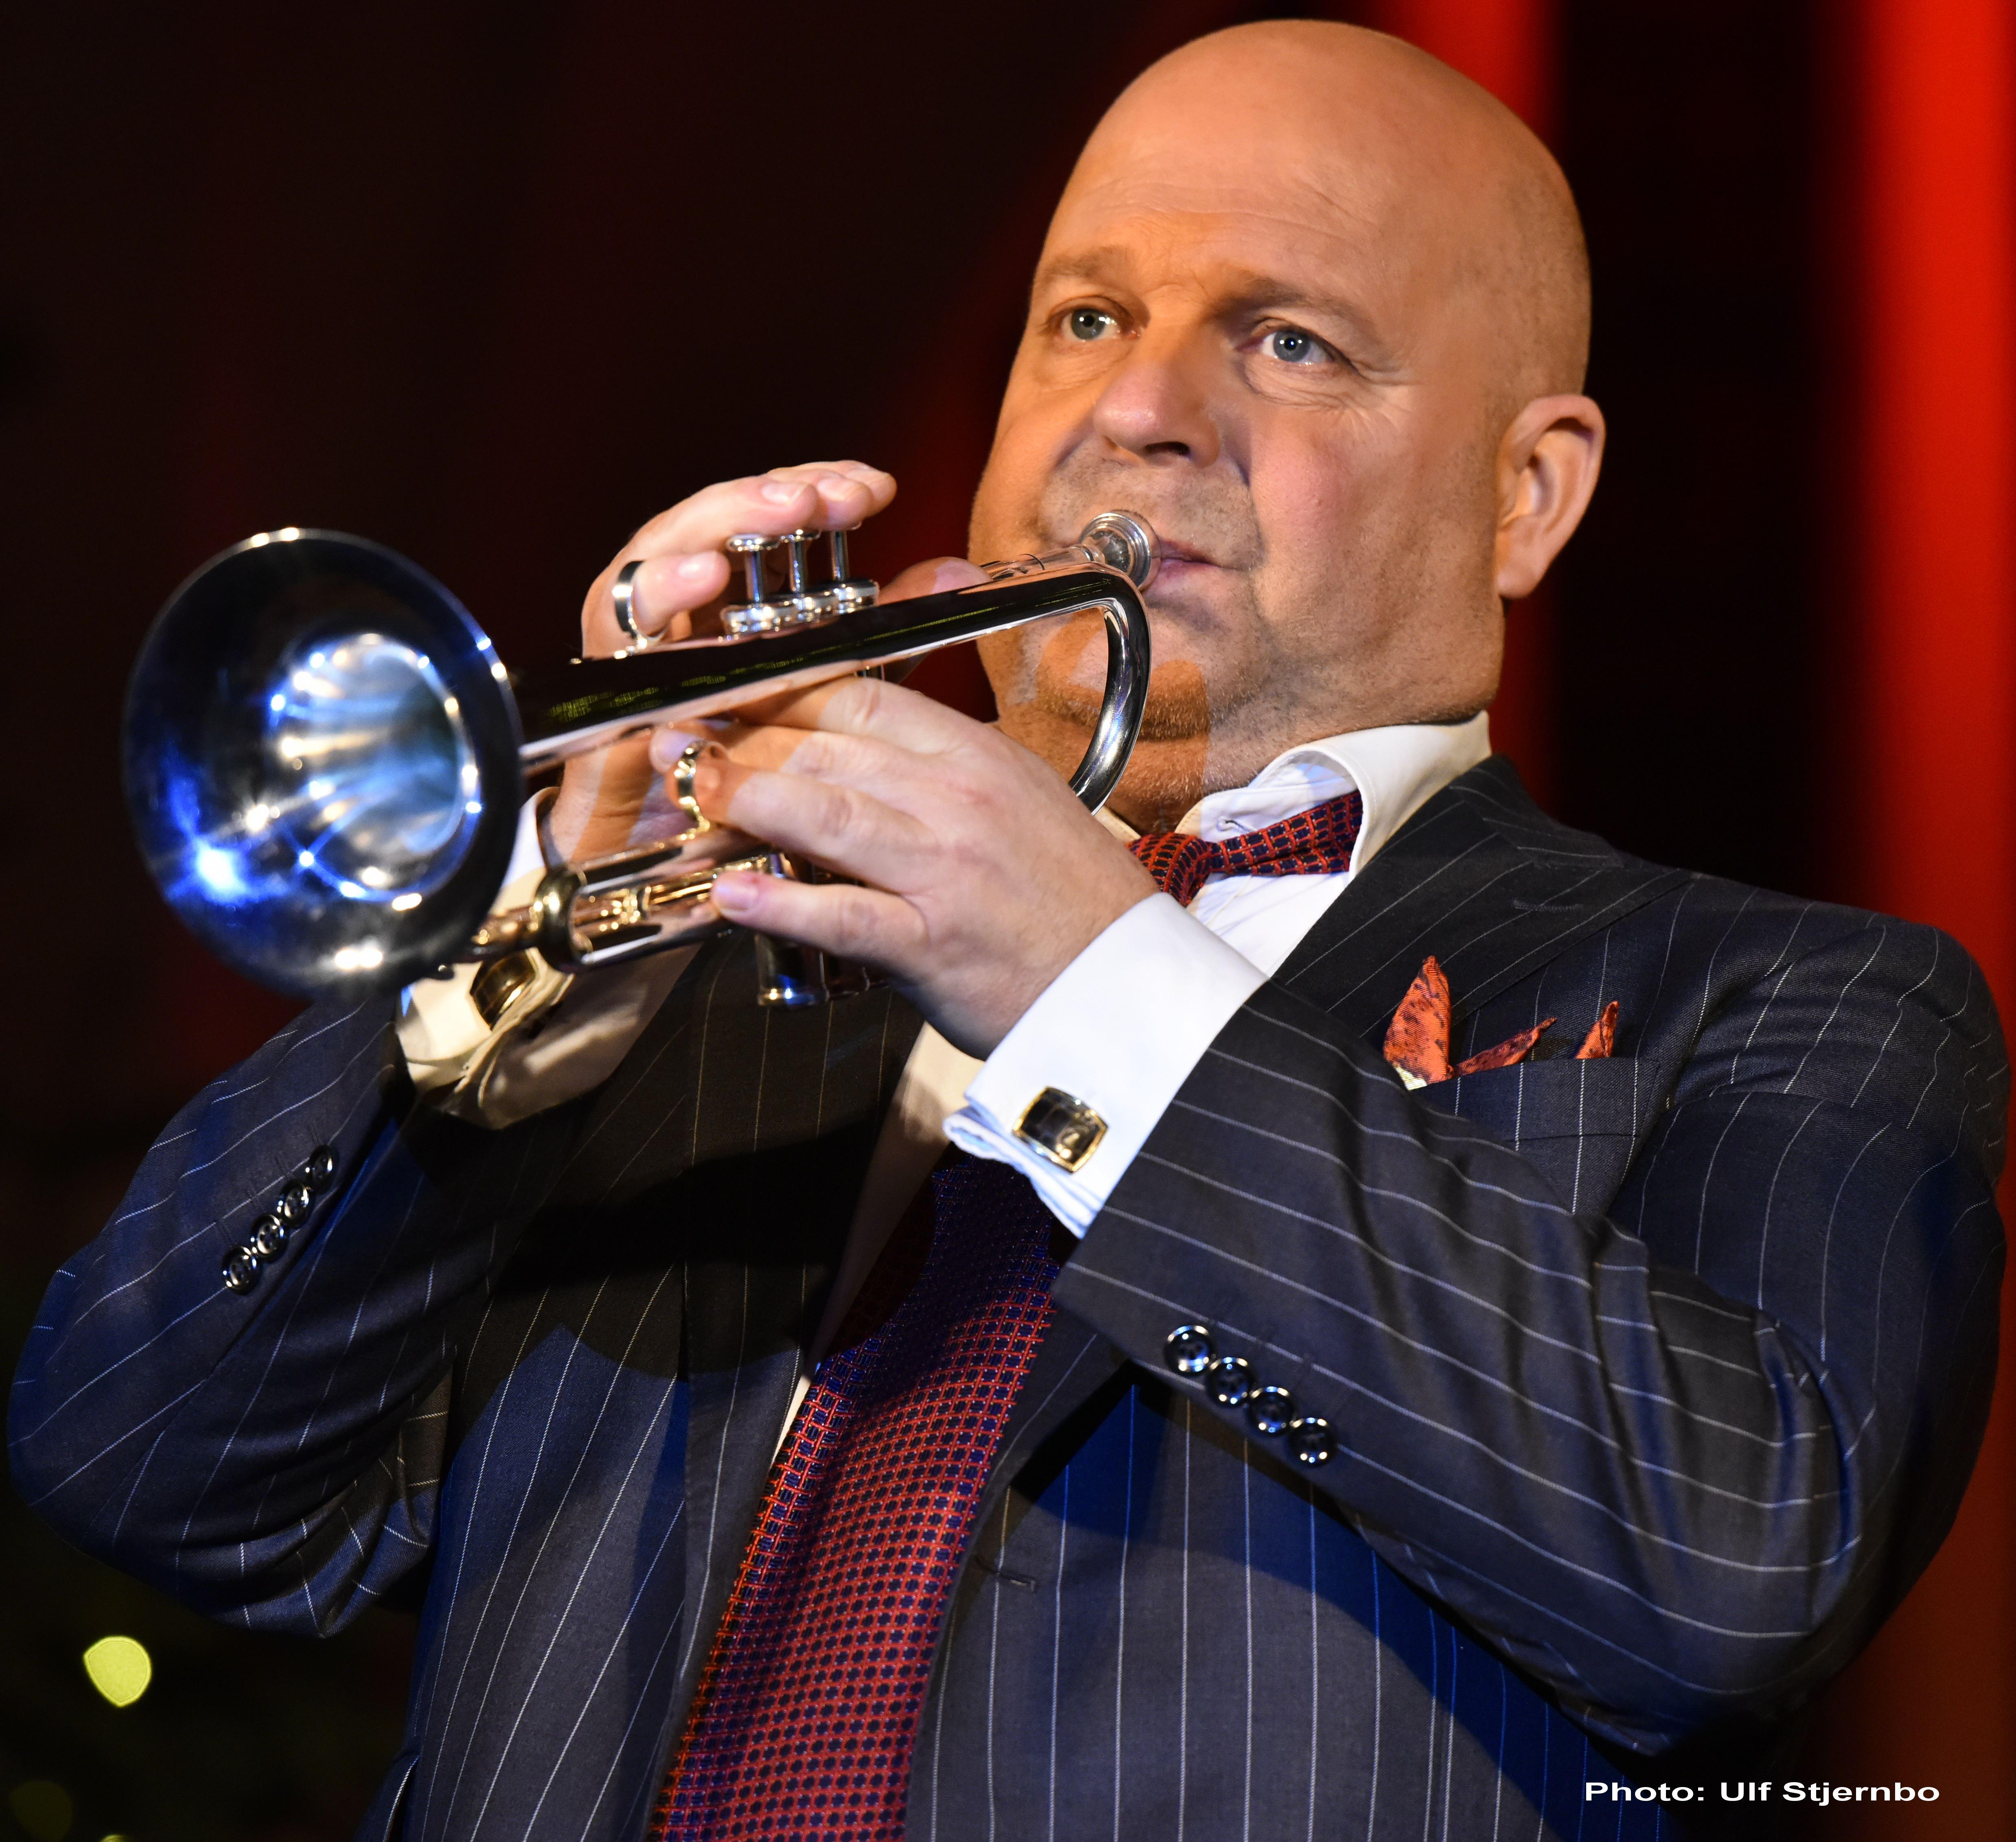 Konsert: Magnus Johansson & Eminent Swing Band